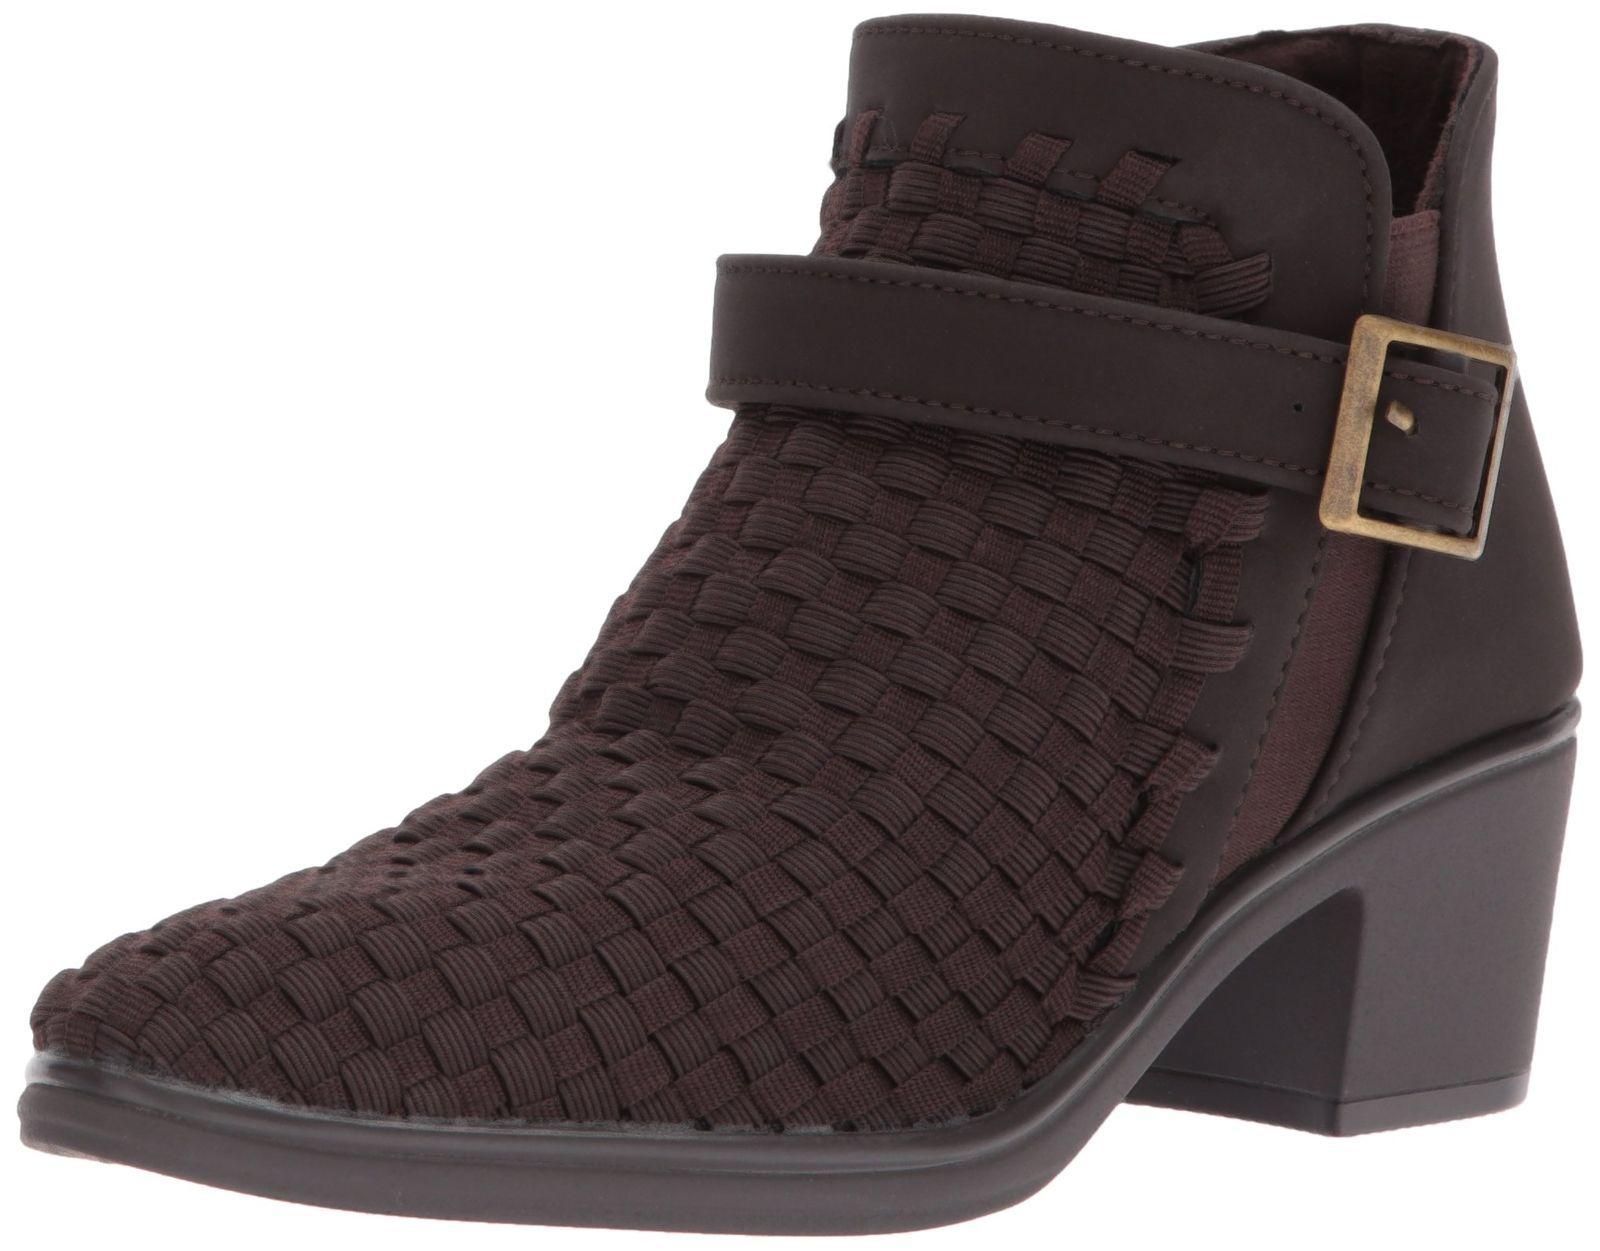 bf301a5dd03 Steve Madden Steven Dance Shoes: 1 listing